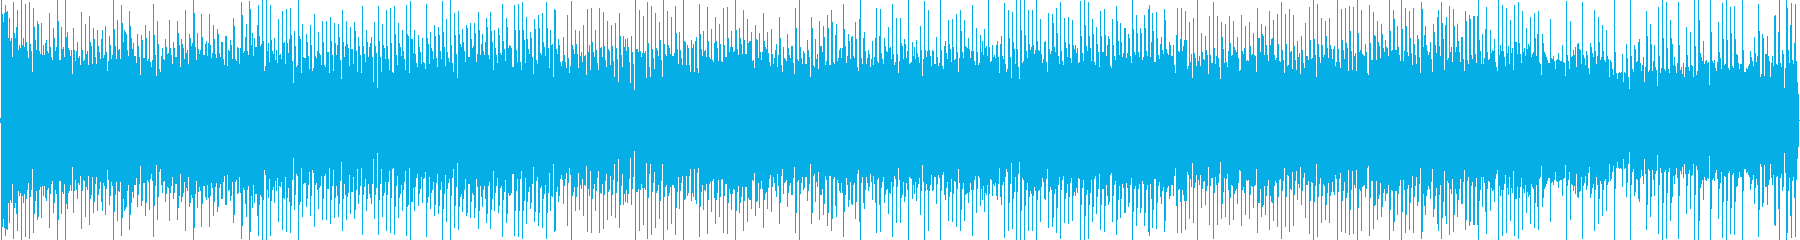 レトロ感の漂う宇宙的なテクノ2の再生済みの波形